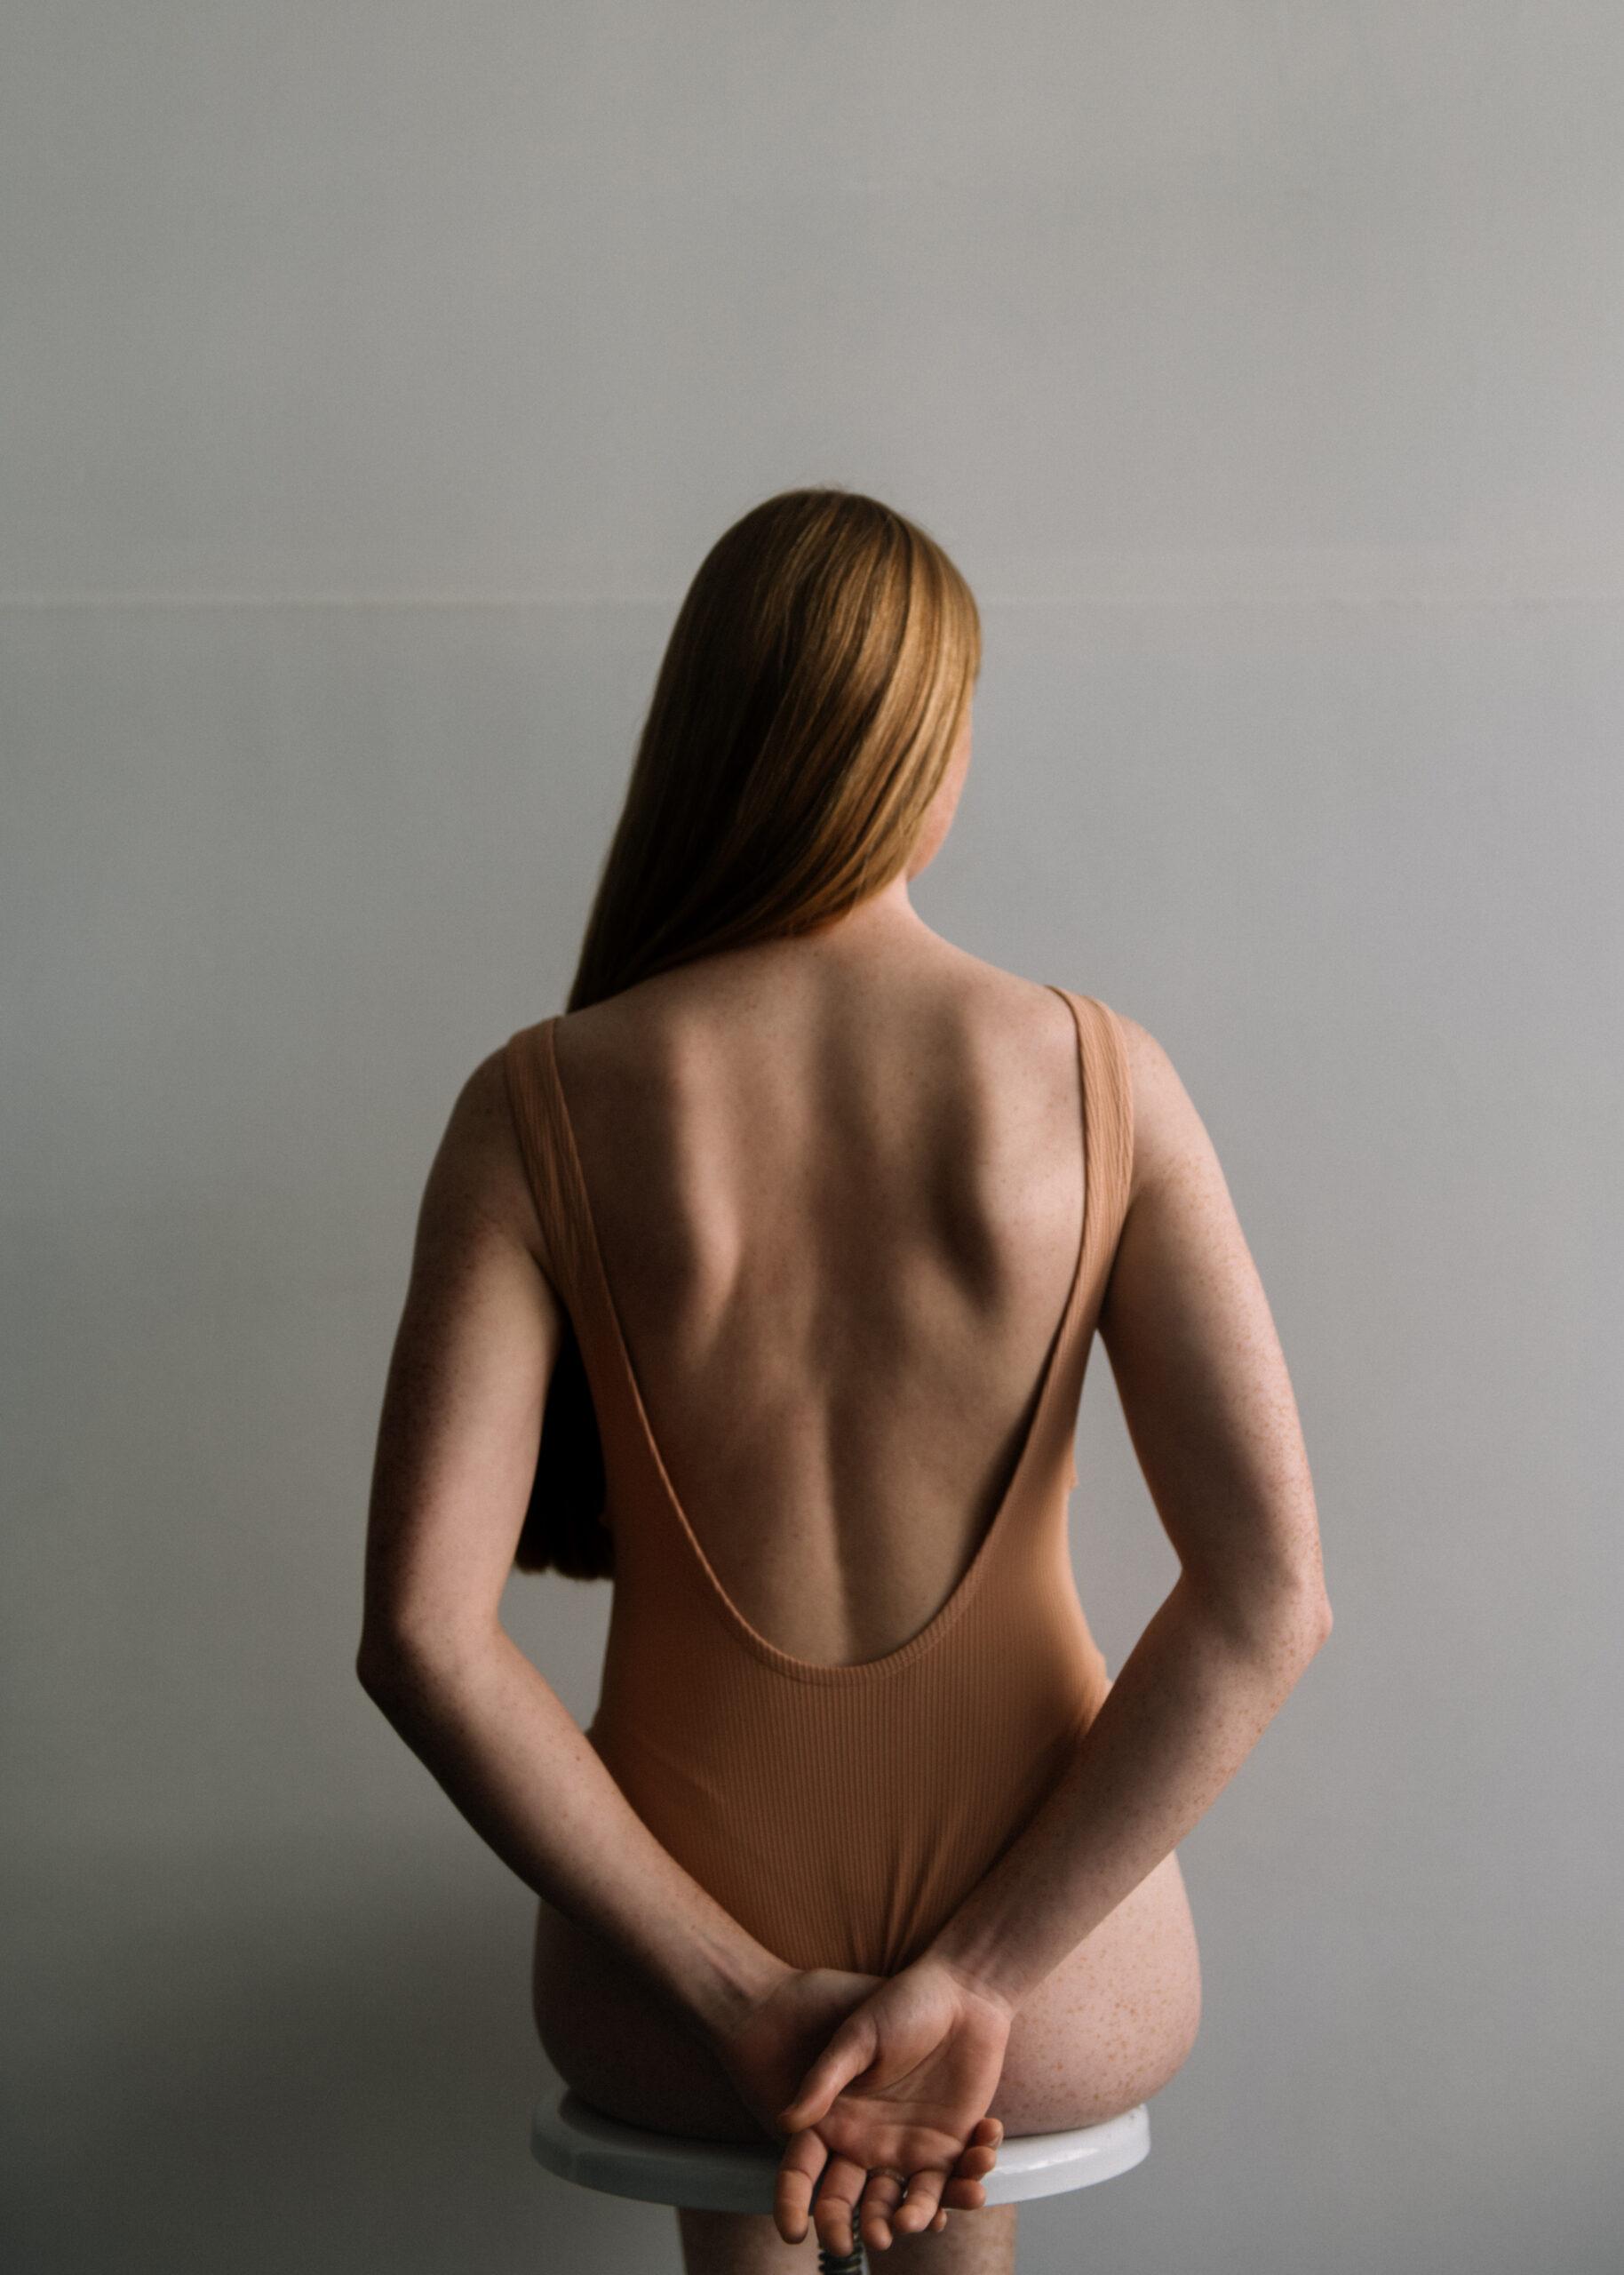 Daniela Gil Stylist